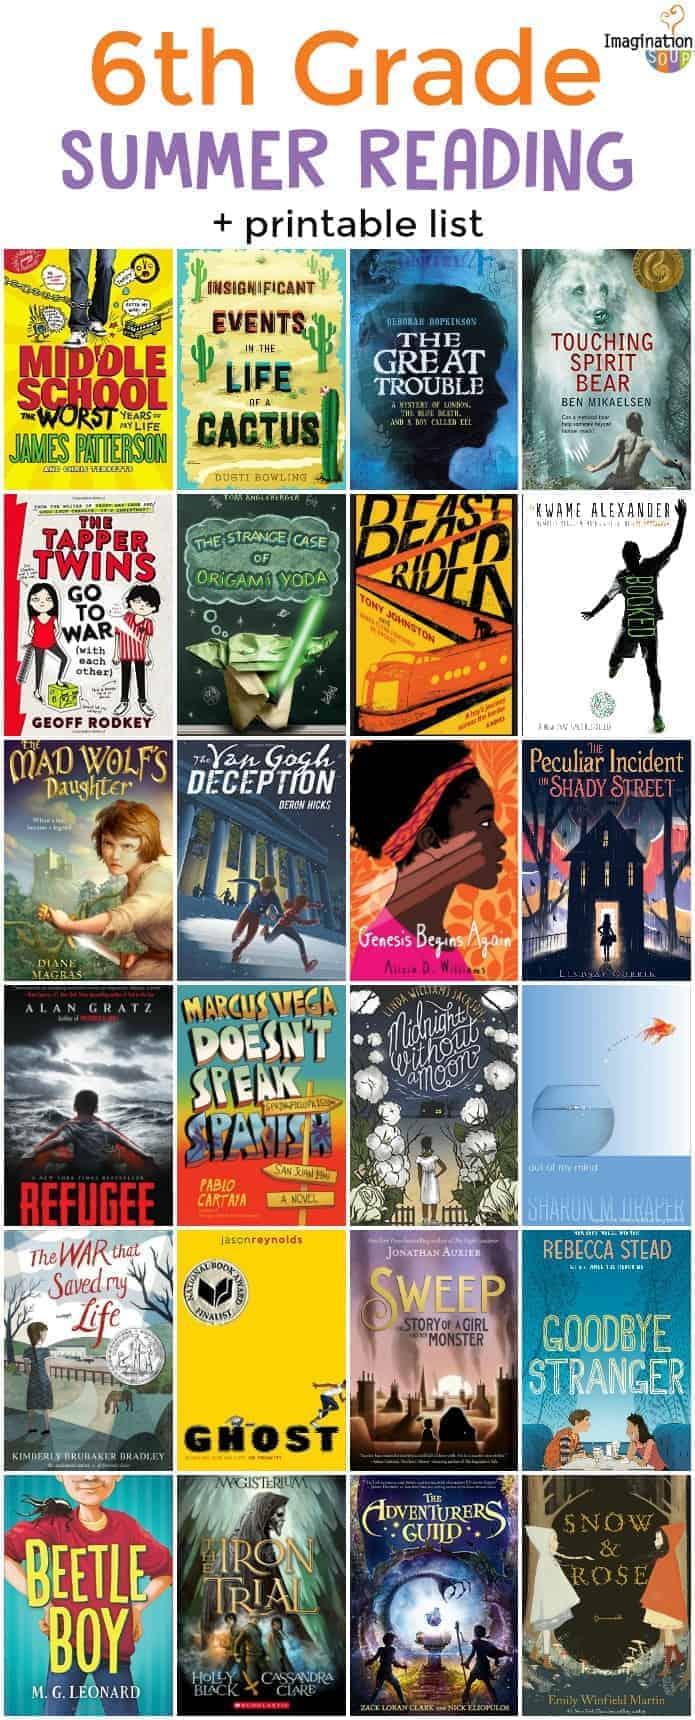 6th (sixth grade) summer reading list